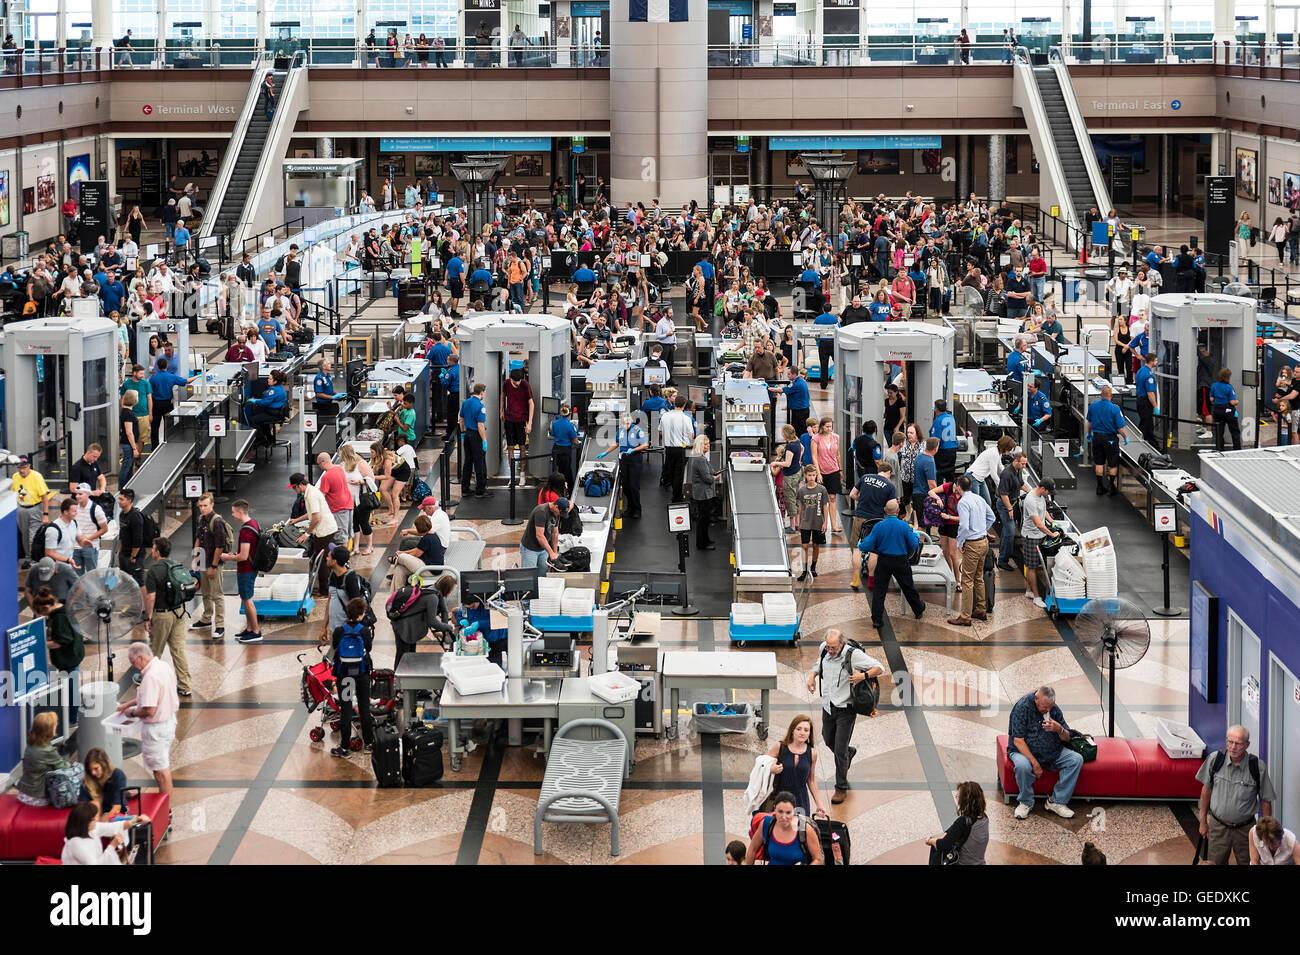 Comprobación de seguridad TSA, el aeropuerto de Denver, Colorado, EE.UU. Imagen De Stock